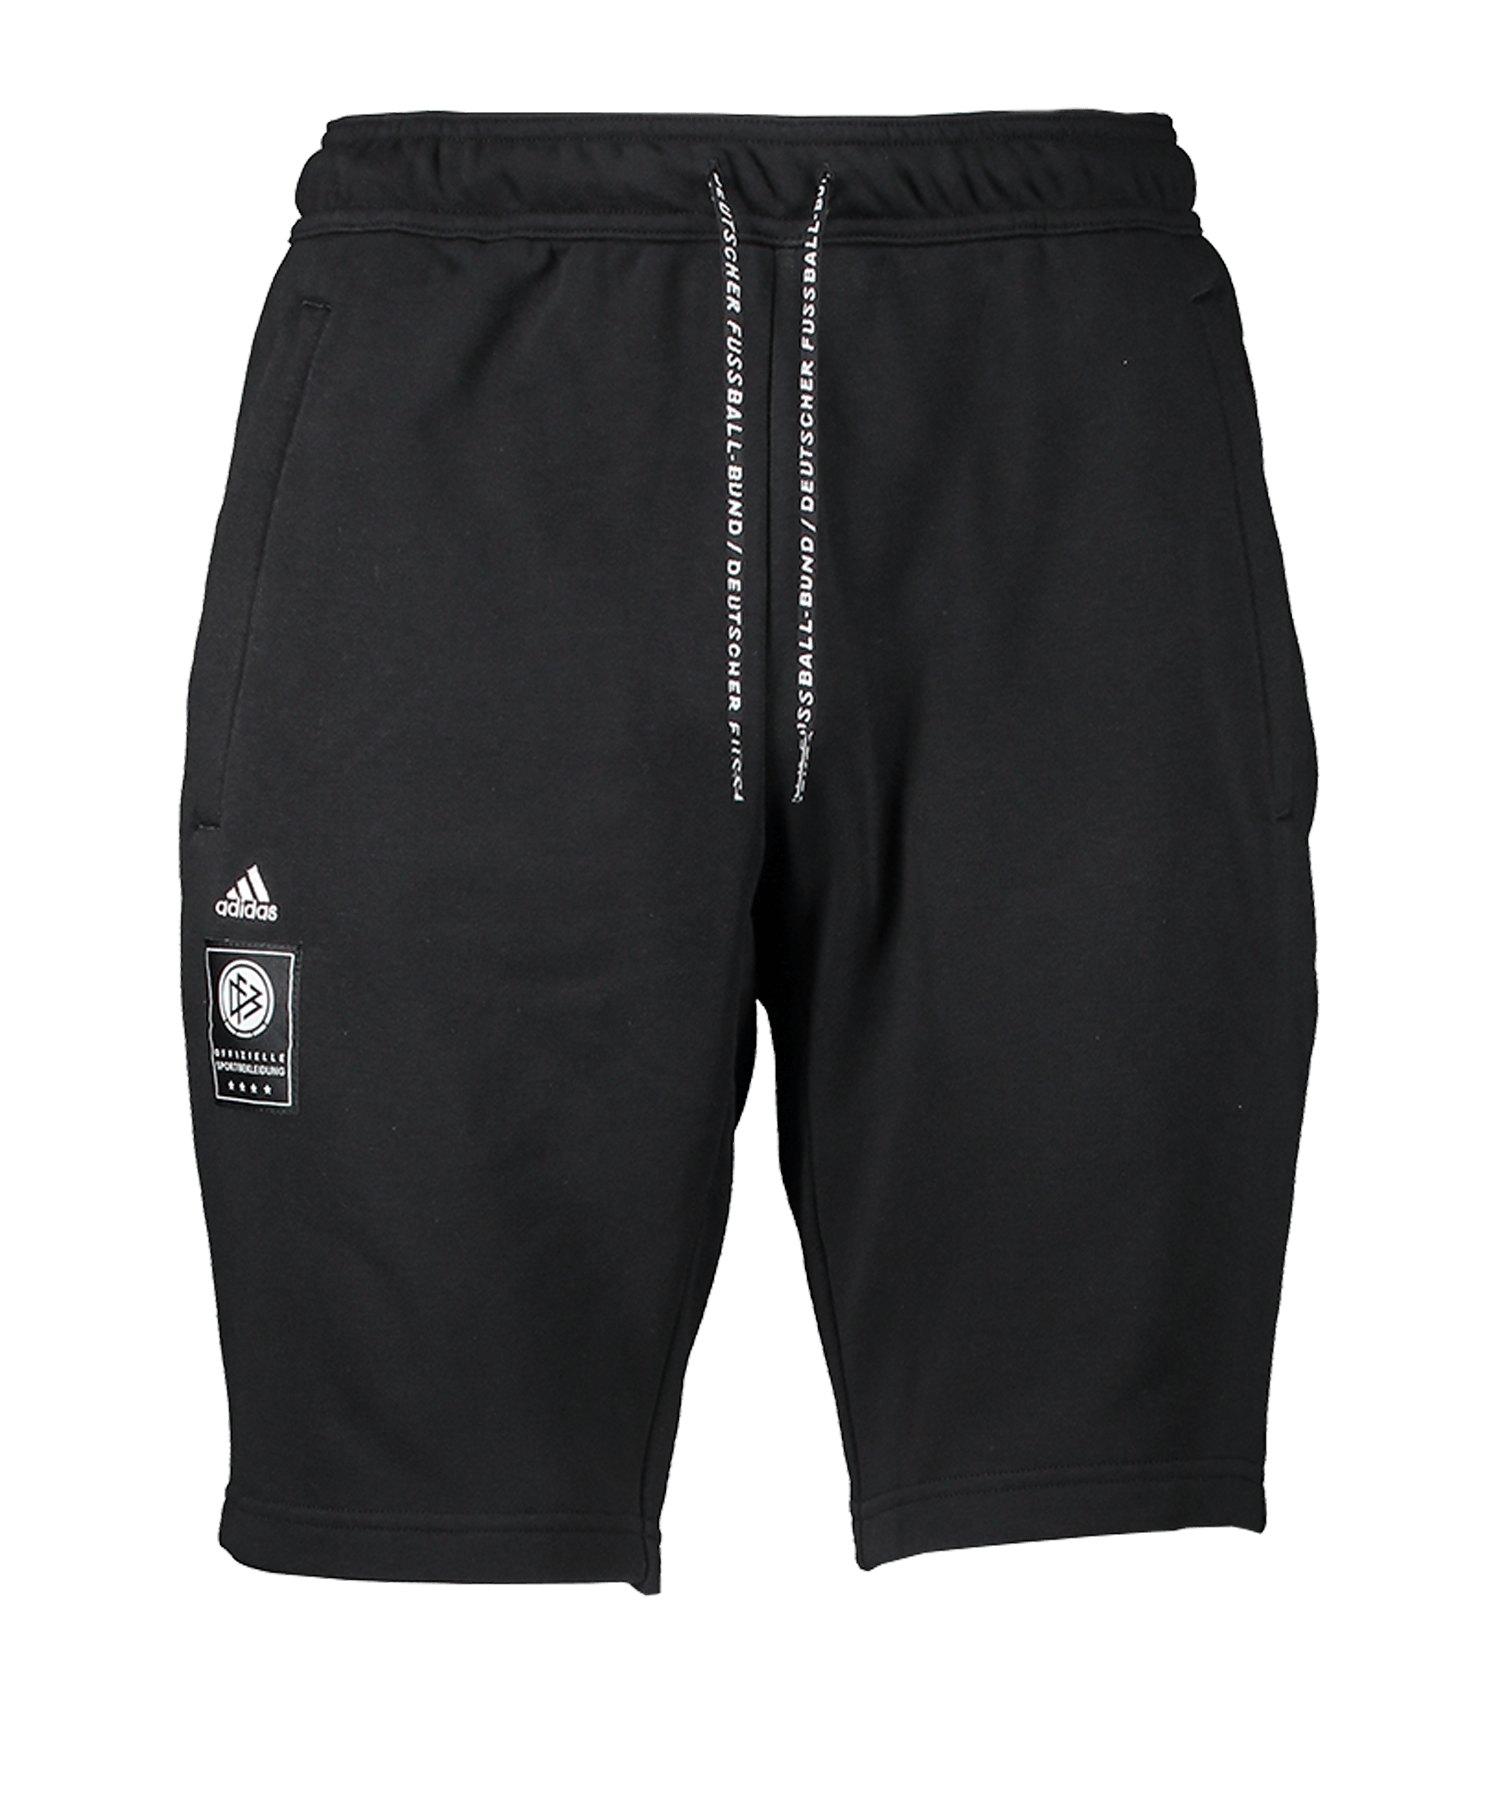 adidas DFB Deutschland Short Schwarz - schwarz